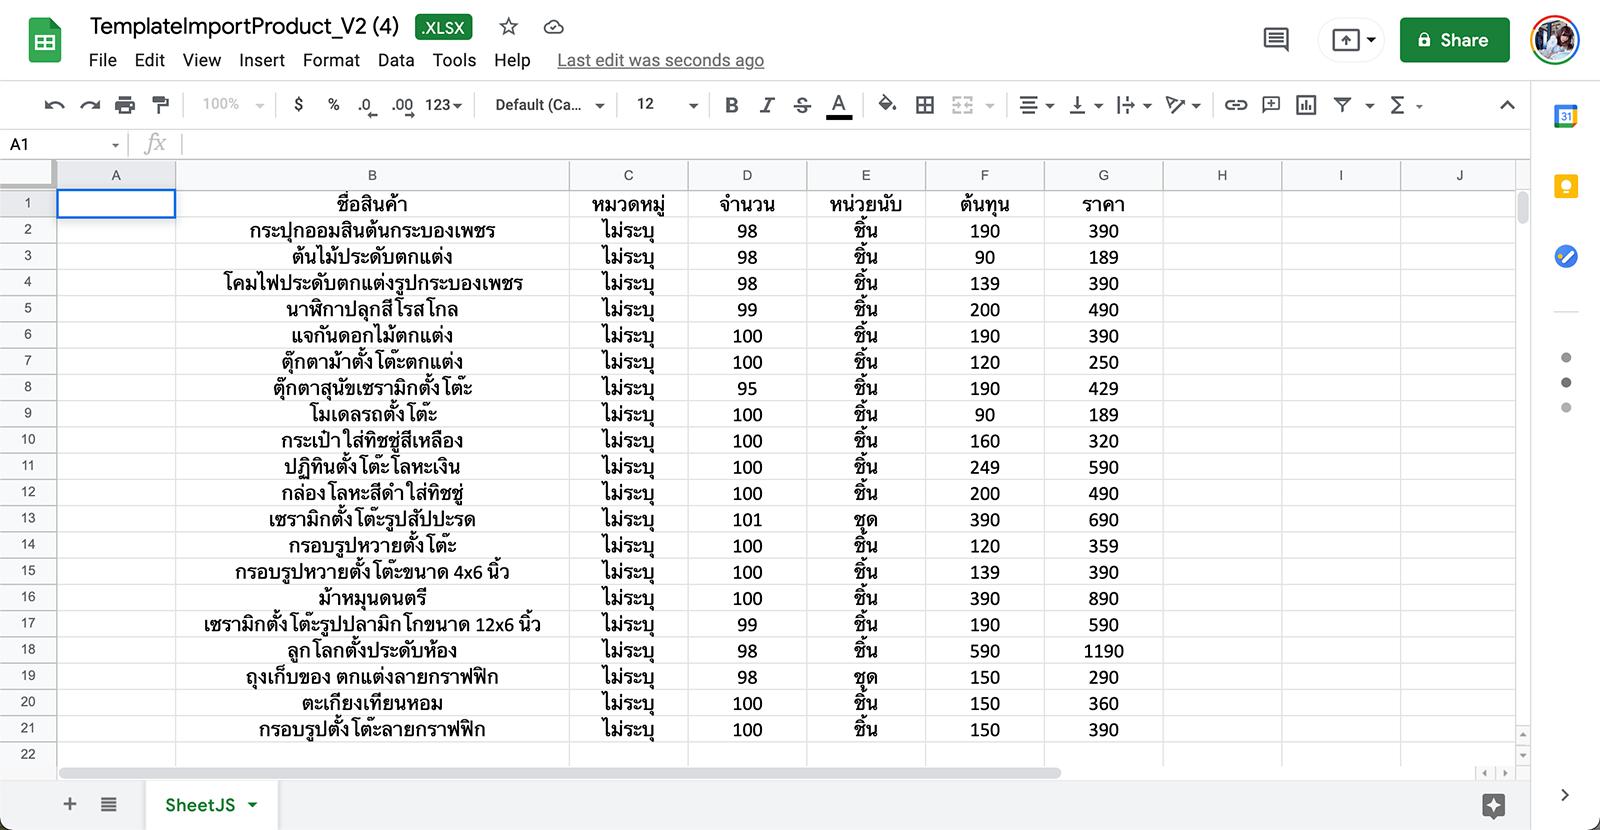 แบบฟอร์มนำเข้าสินค้าผ่าน Excel